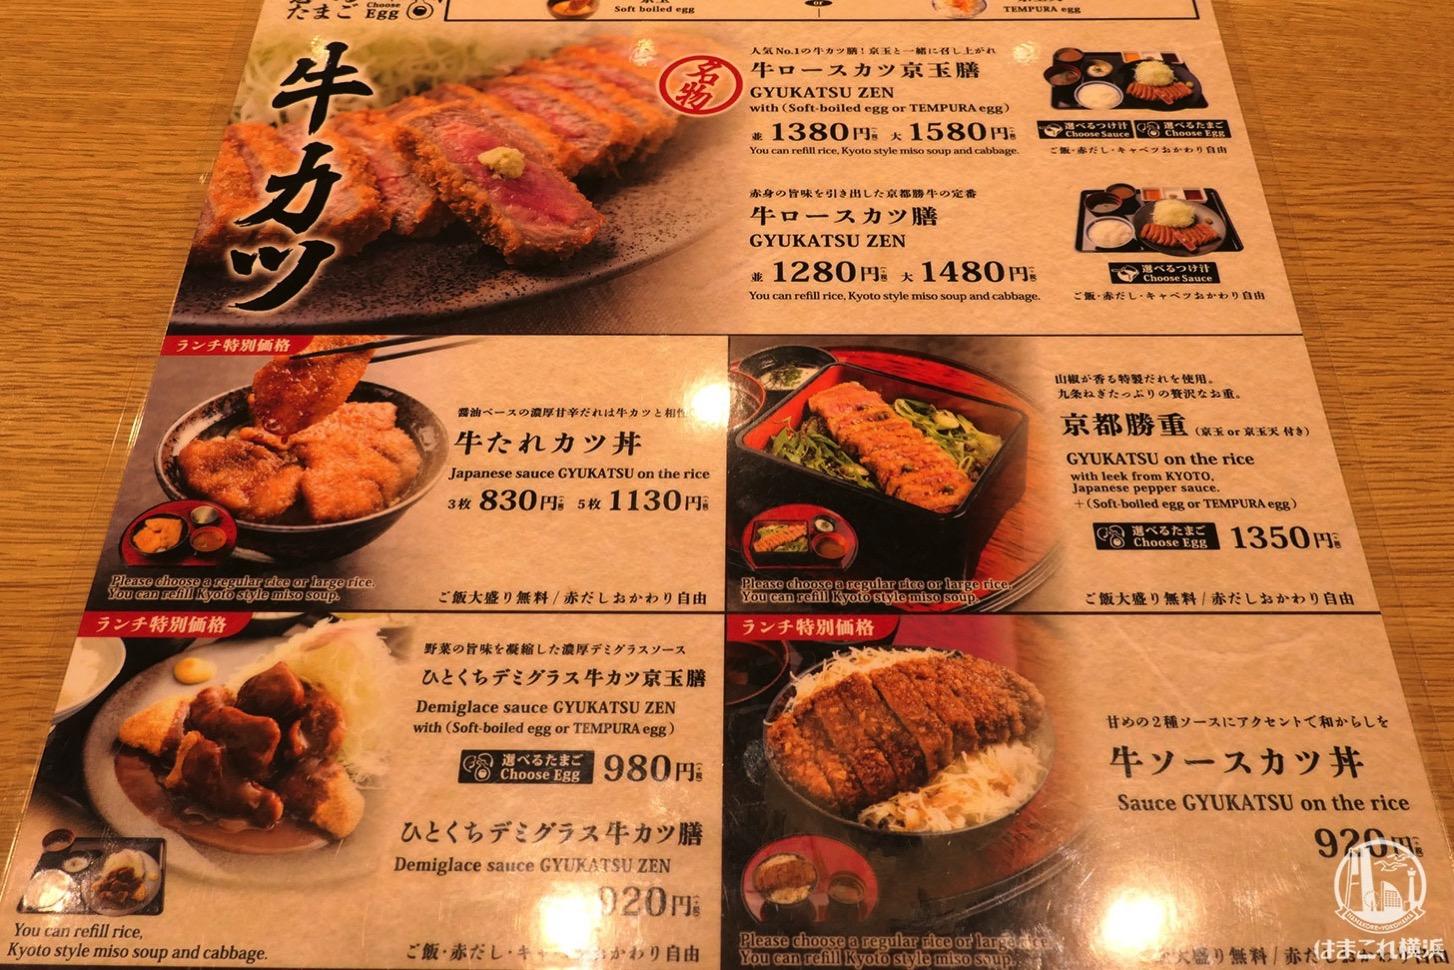 牛カツ専門店 京都勝牛 横浜ポルタ店 ランチメニュー